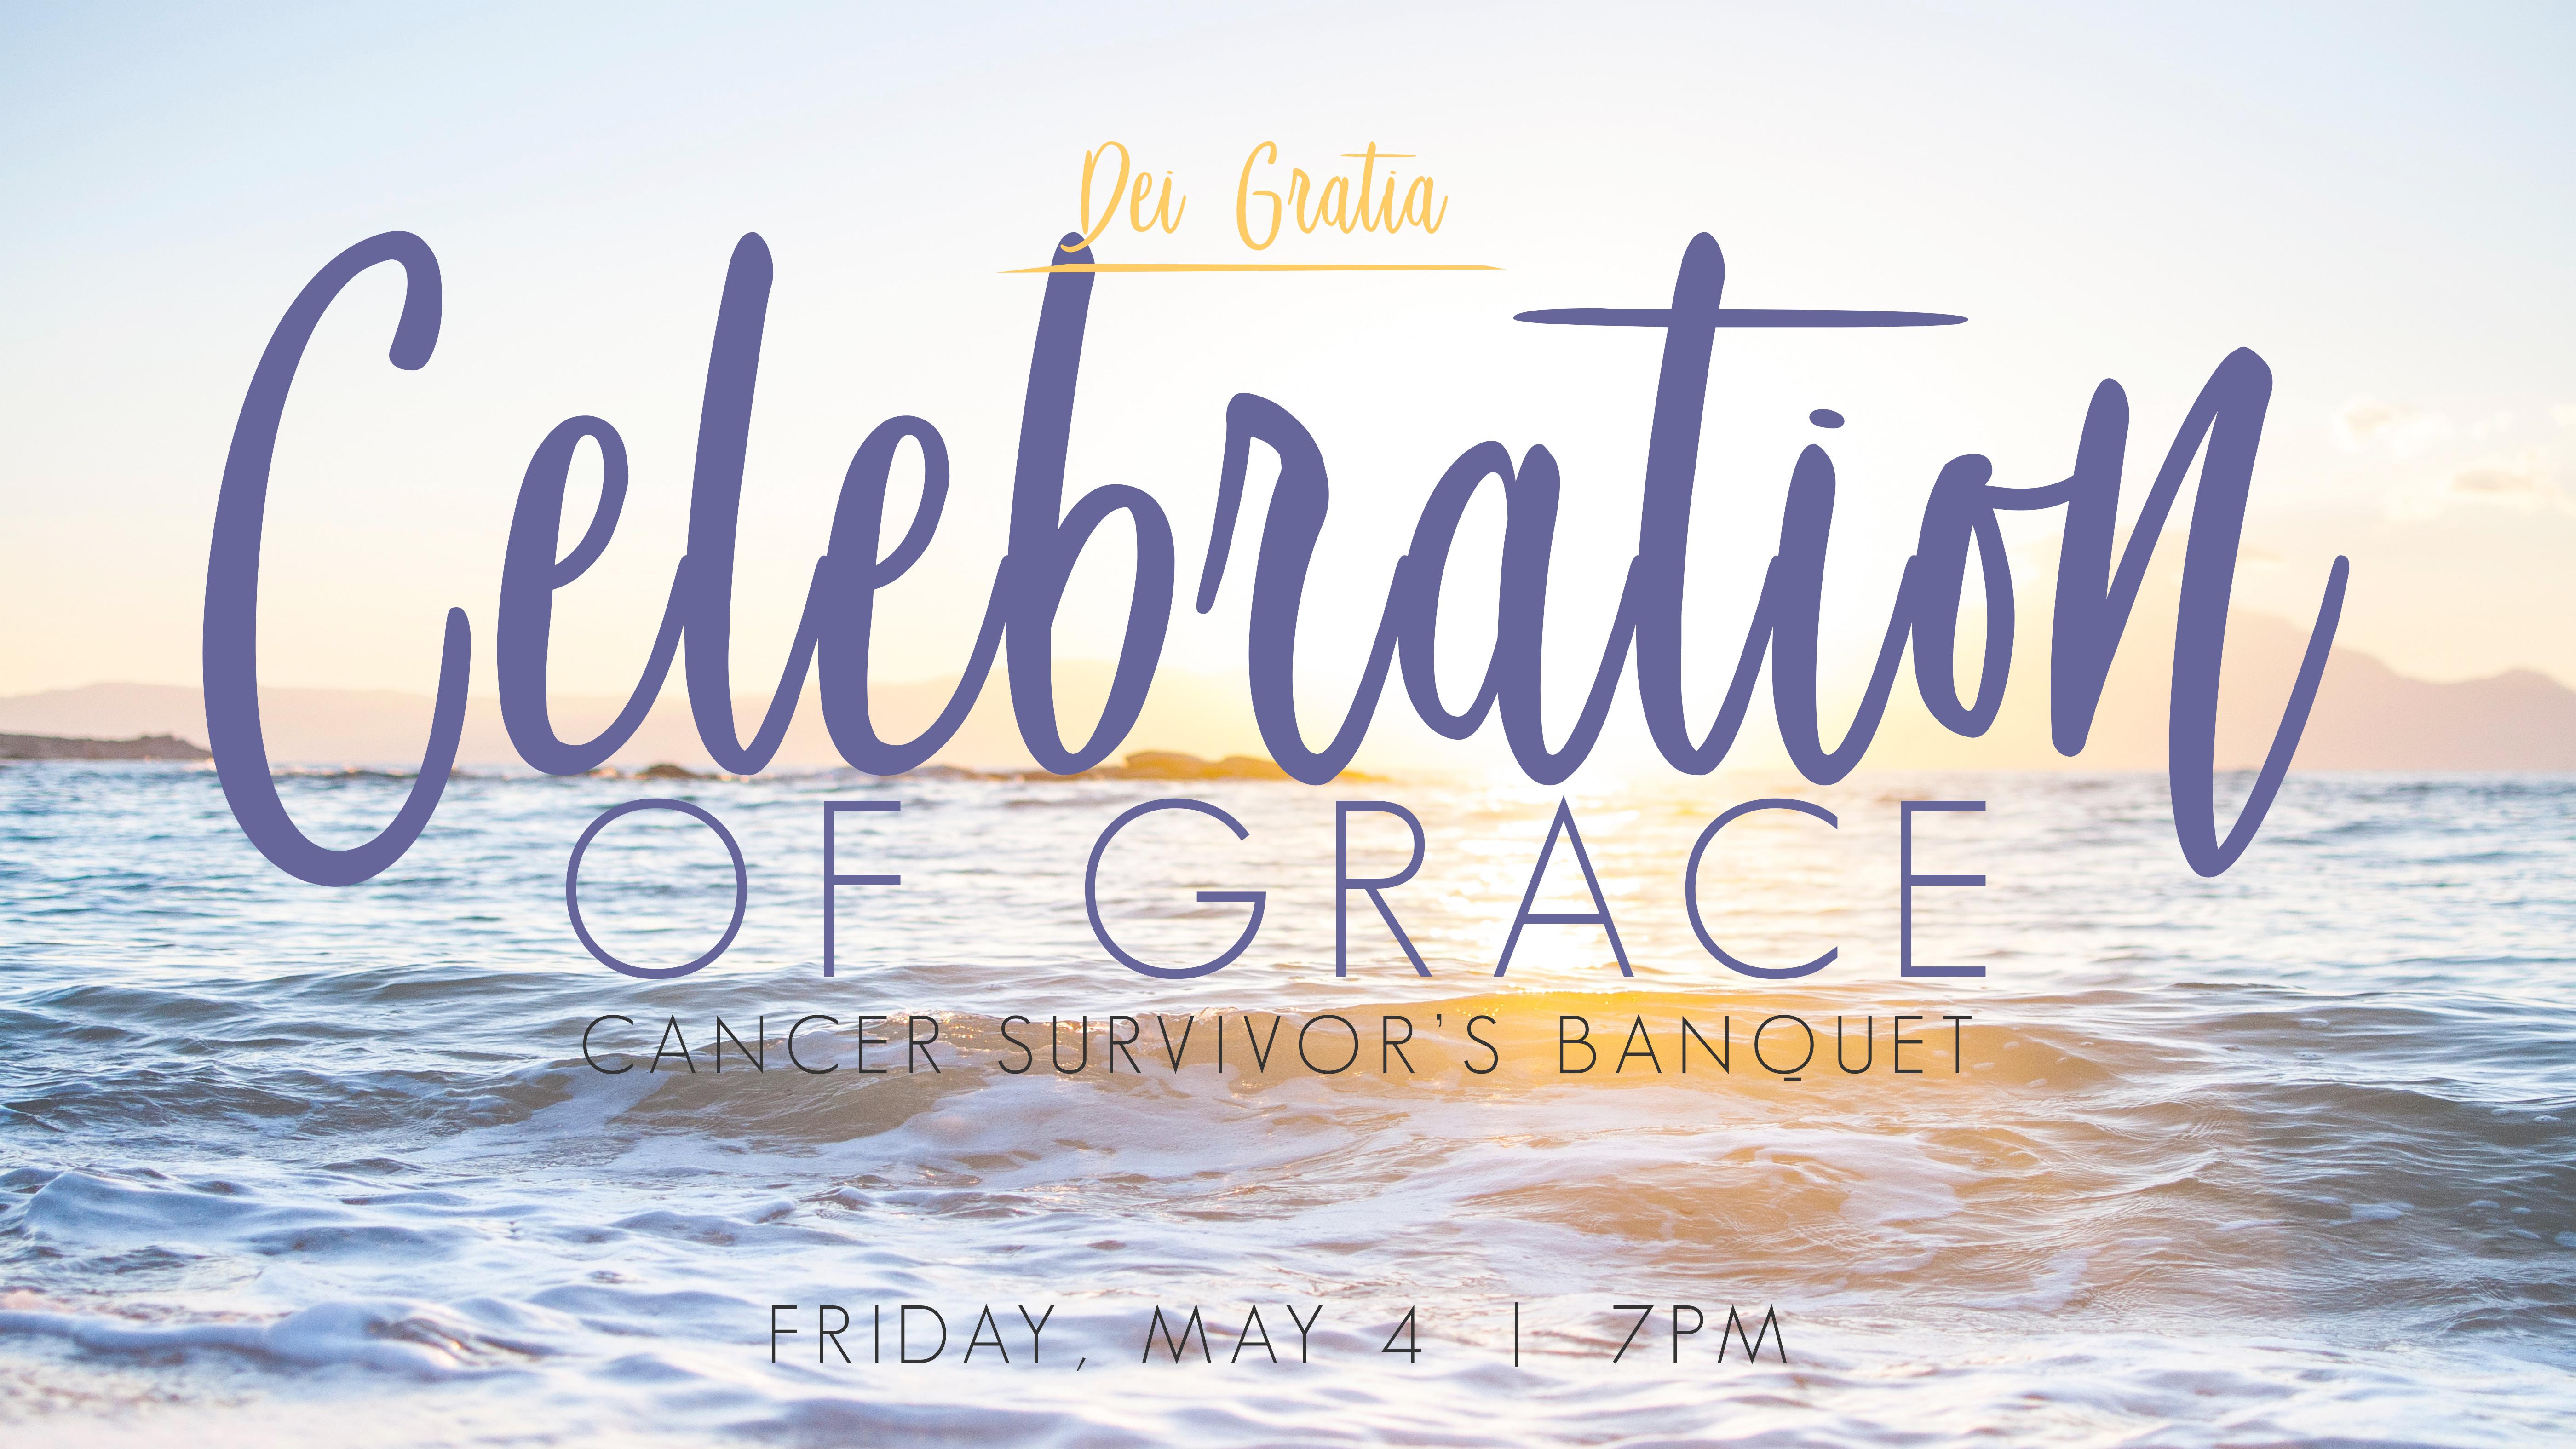 Celebration of grace